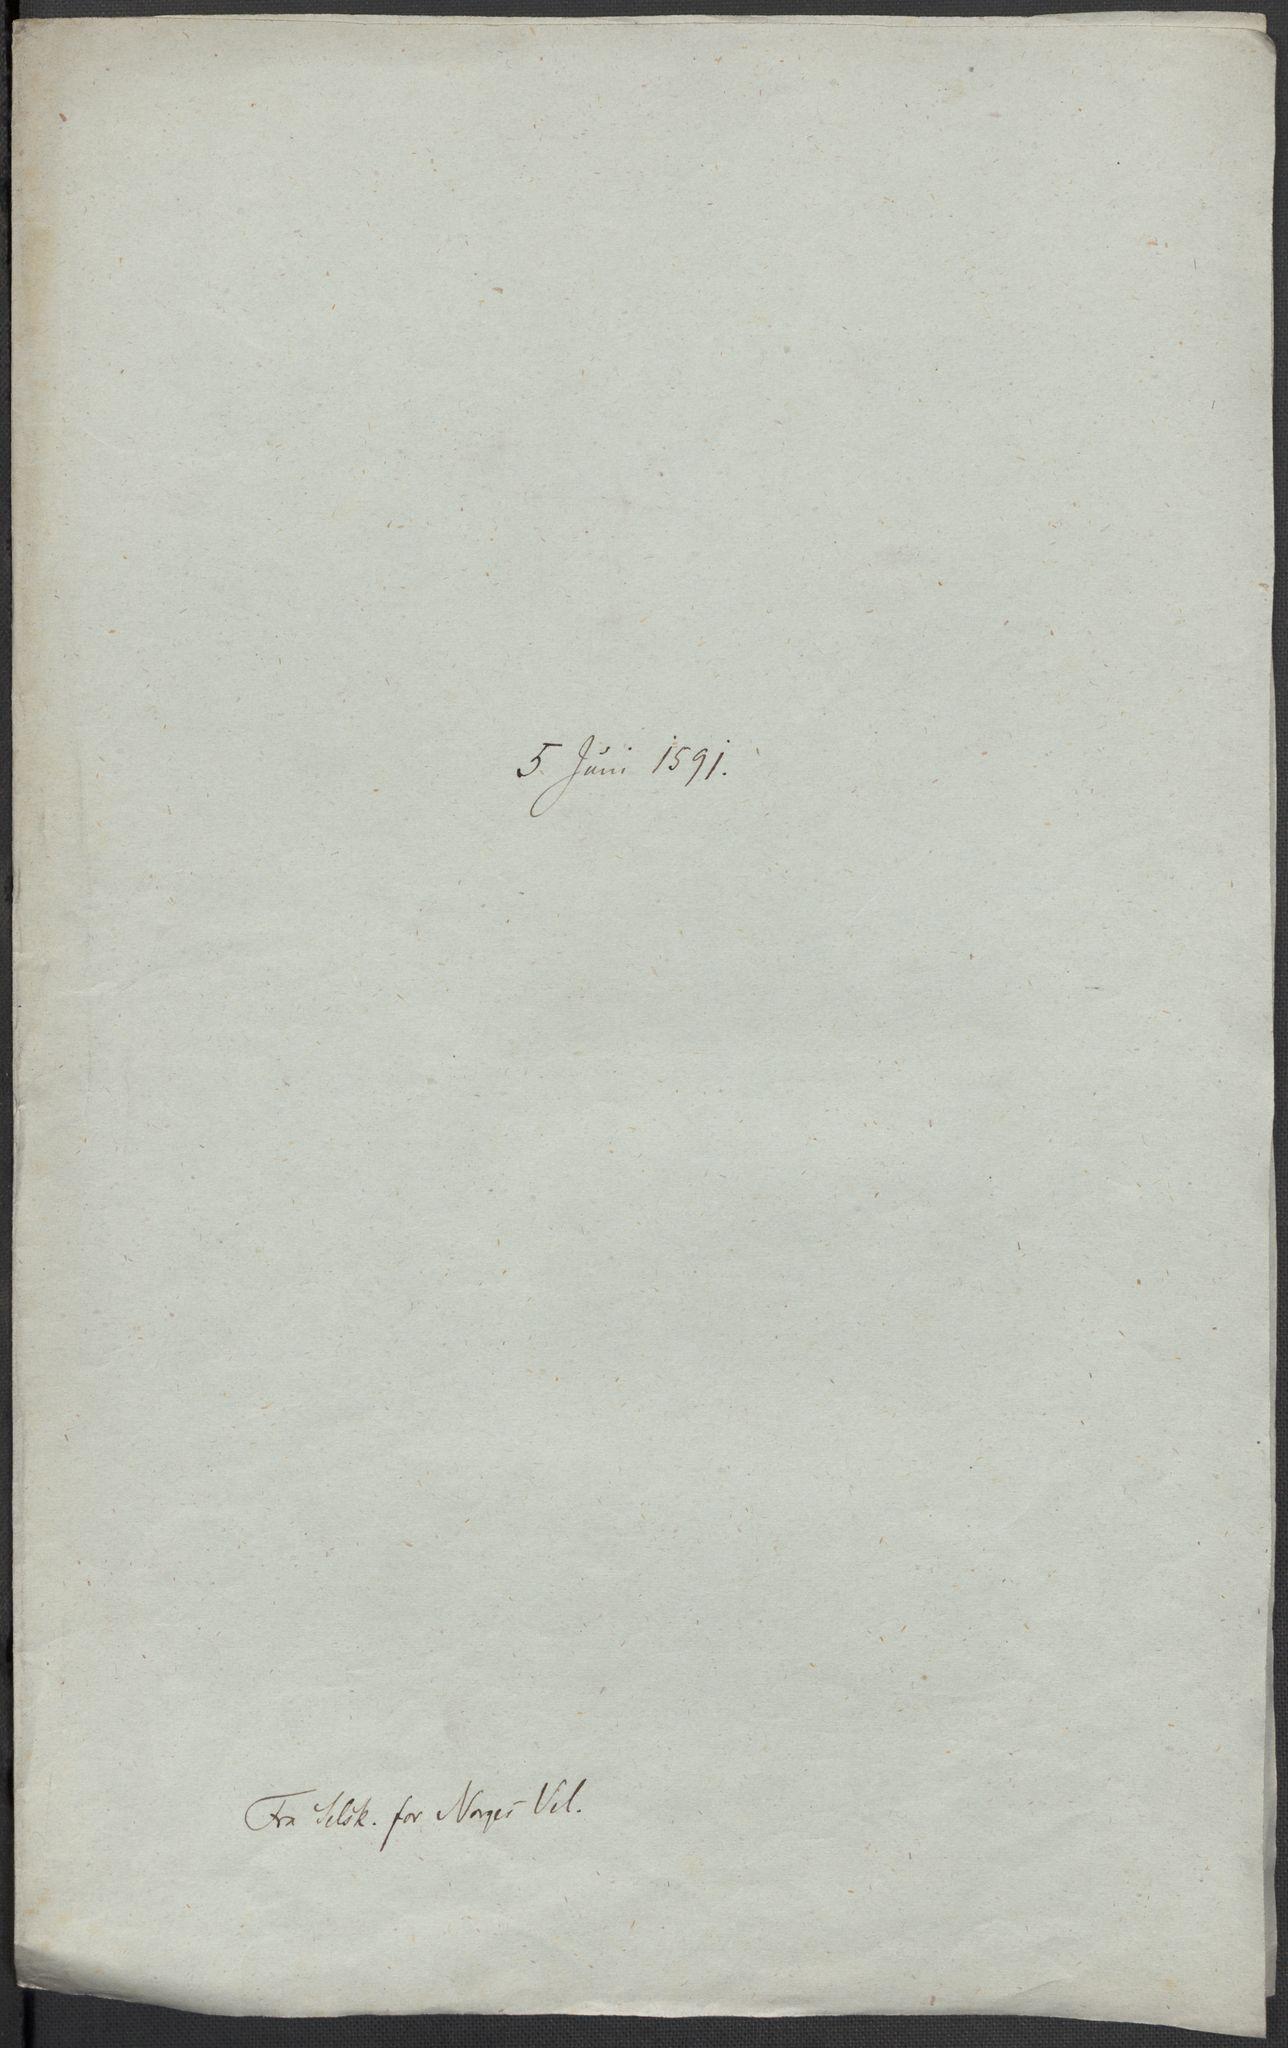 RA, Riksarkivets diplomsamling, F02/L0093: Dokumenter, 1591, s. 95